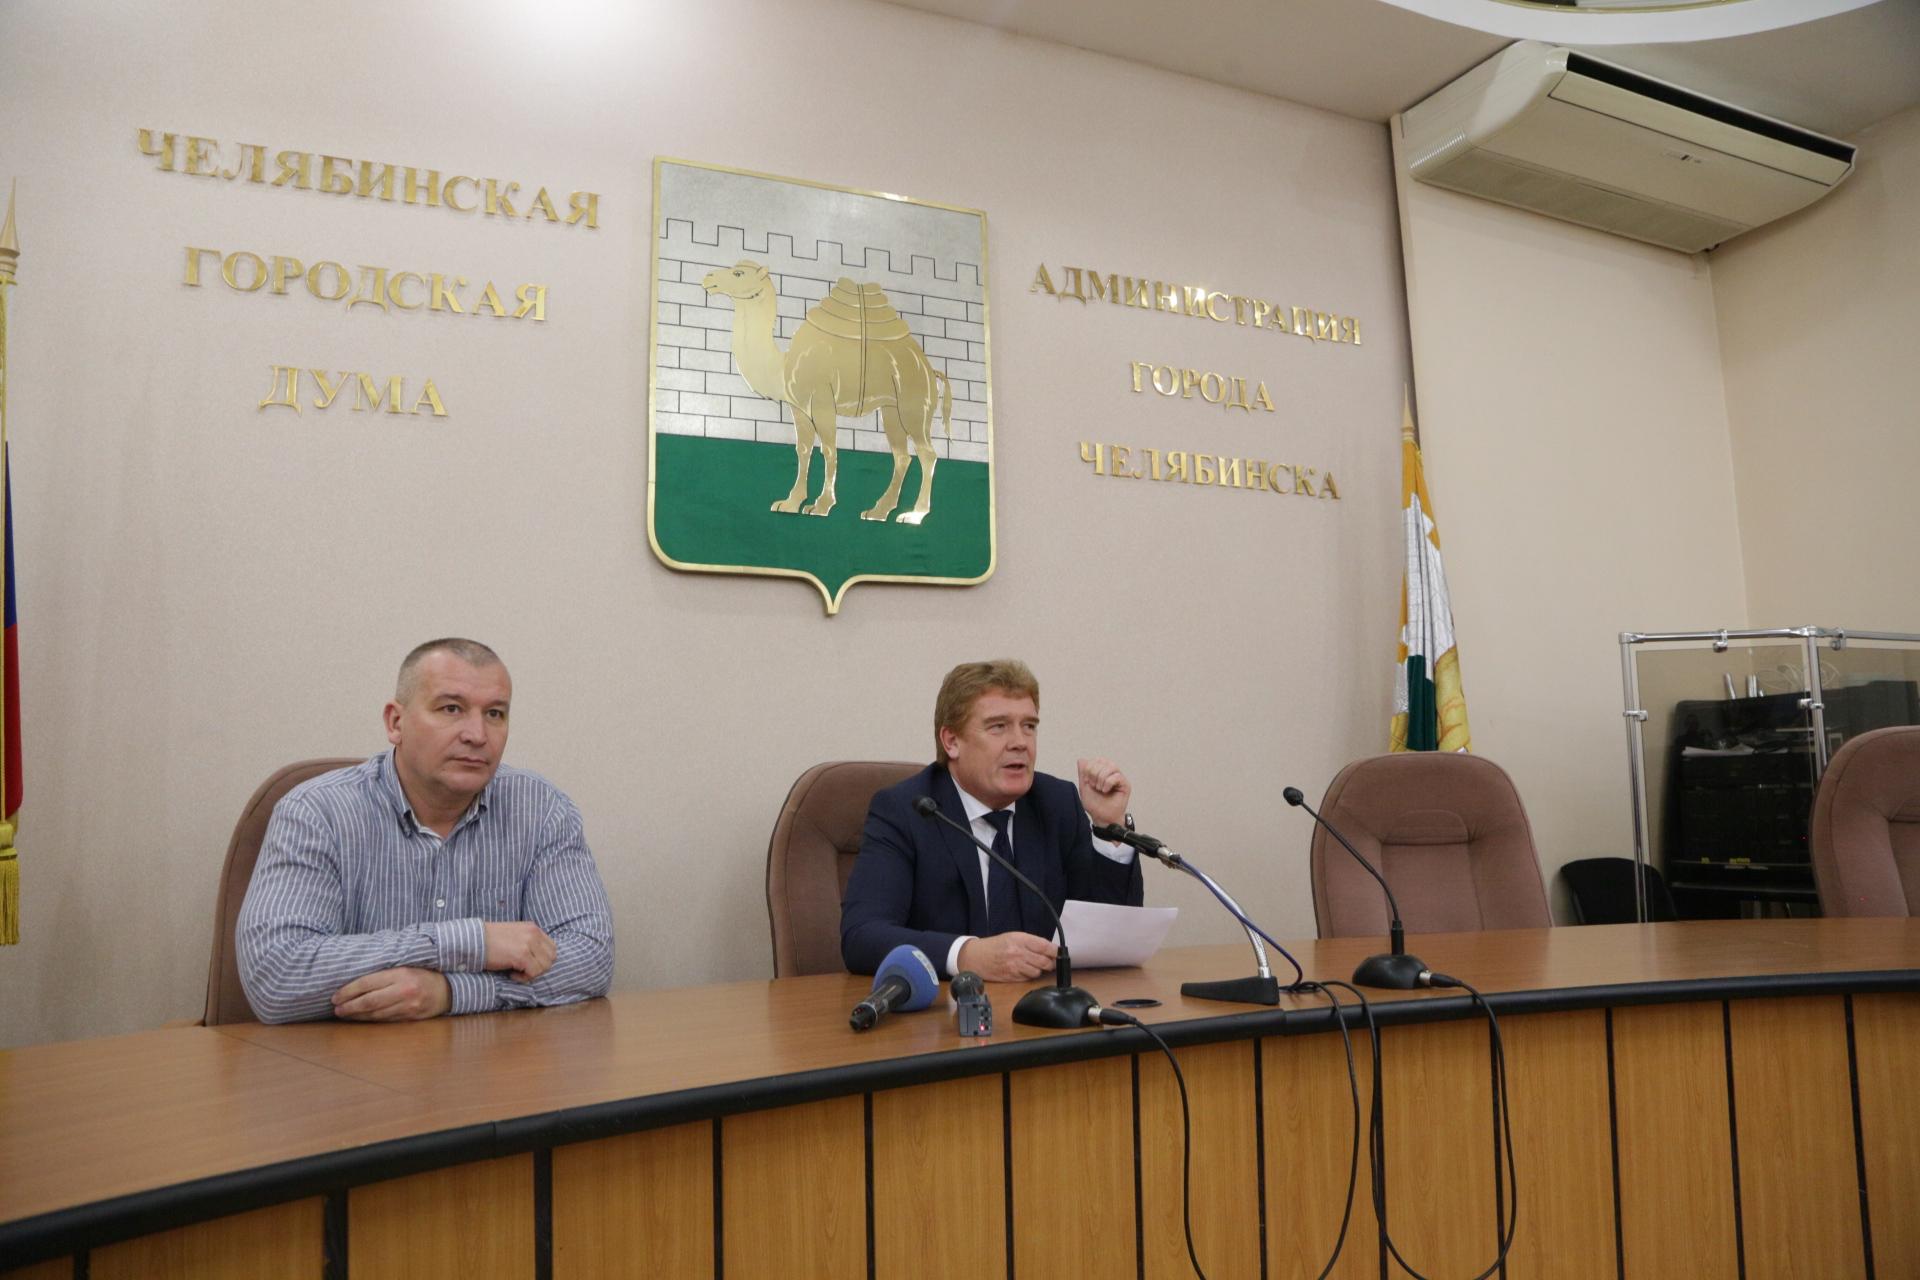 Владимира Елистратова и Евгения Крехтунова тоже вчера там, видимо, не было